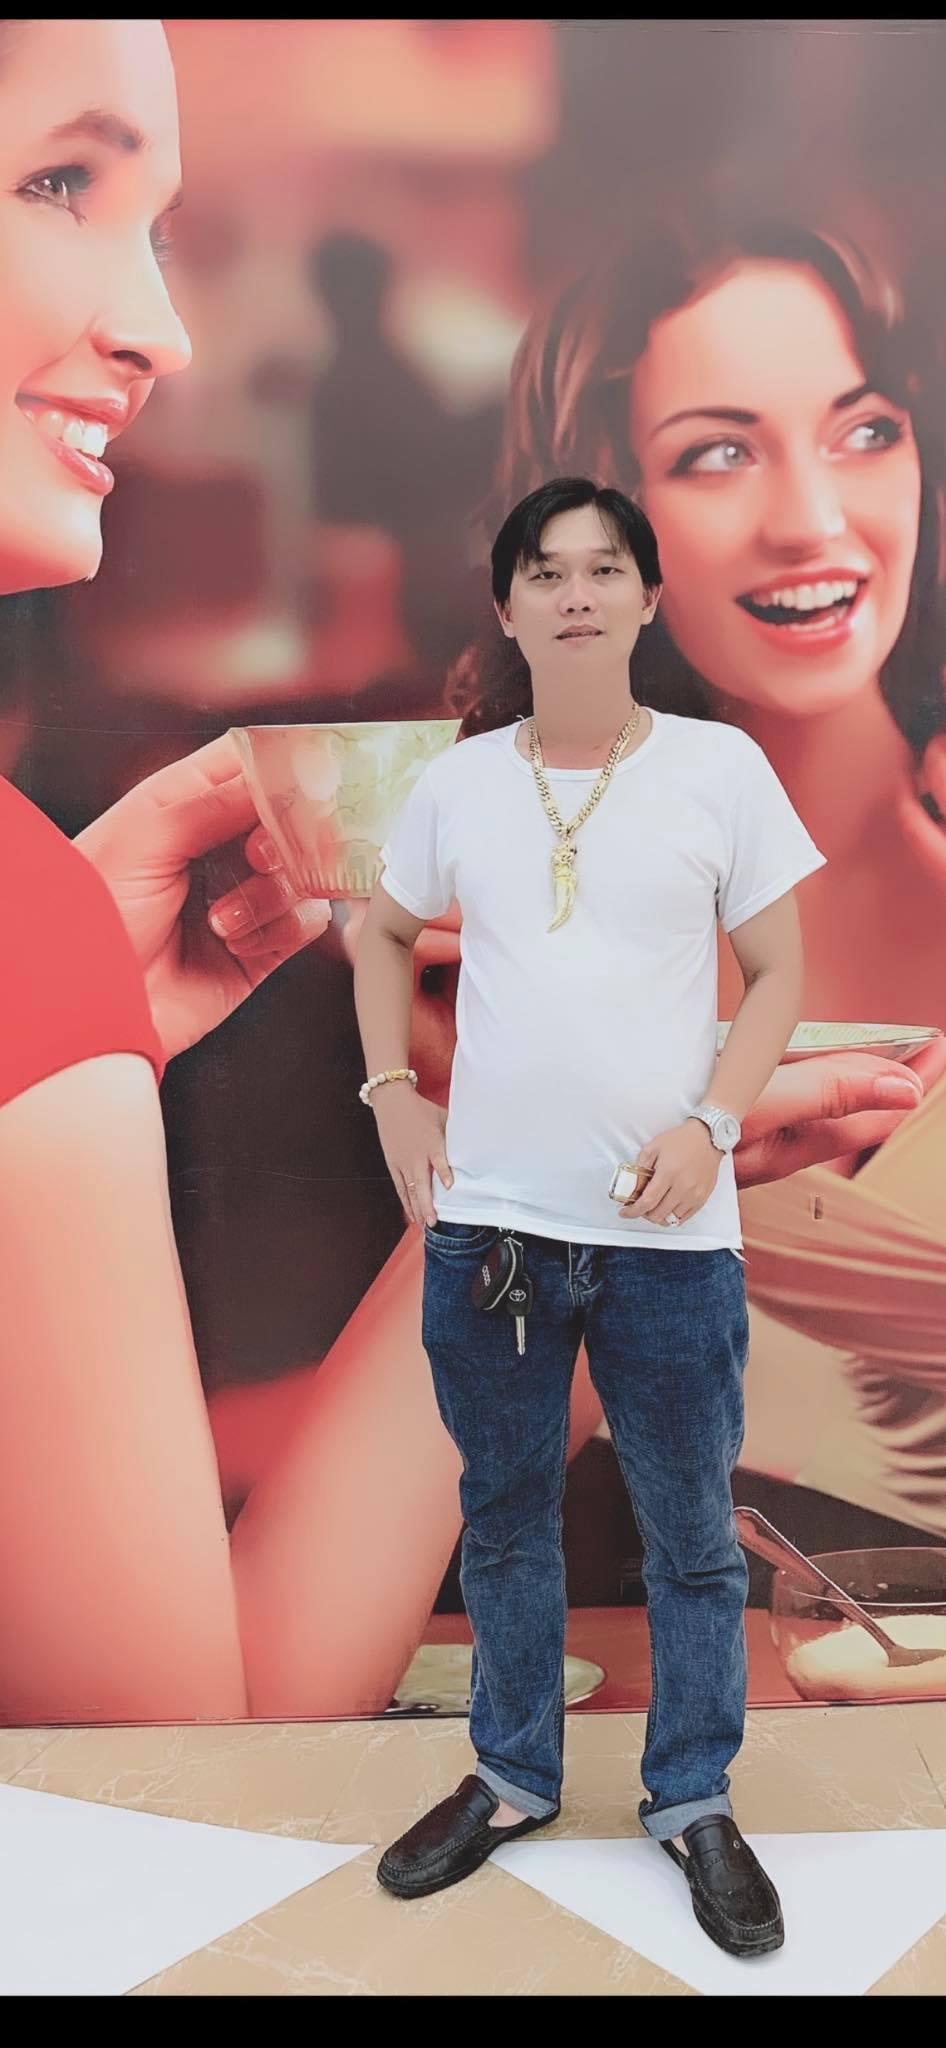 Con đường khởi nghiệp đầy gian nan của CEO 8X Trần Thanh Phong - Ảnh 6